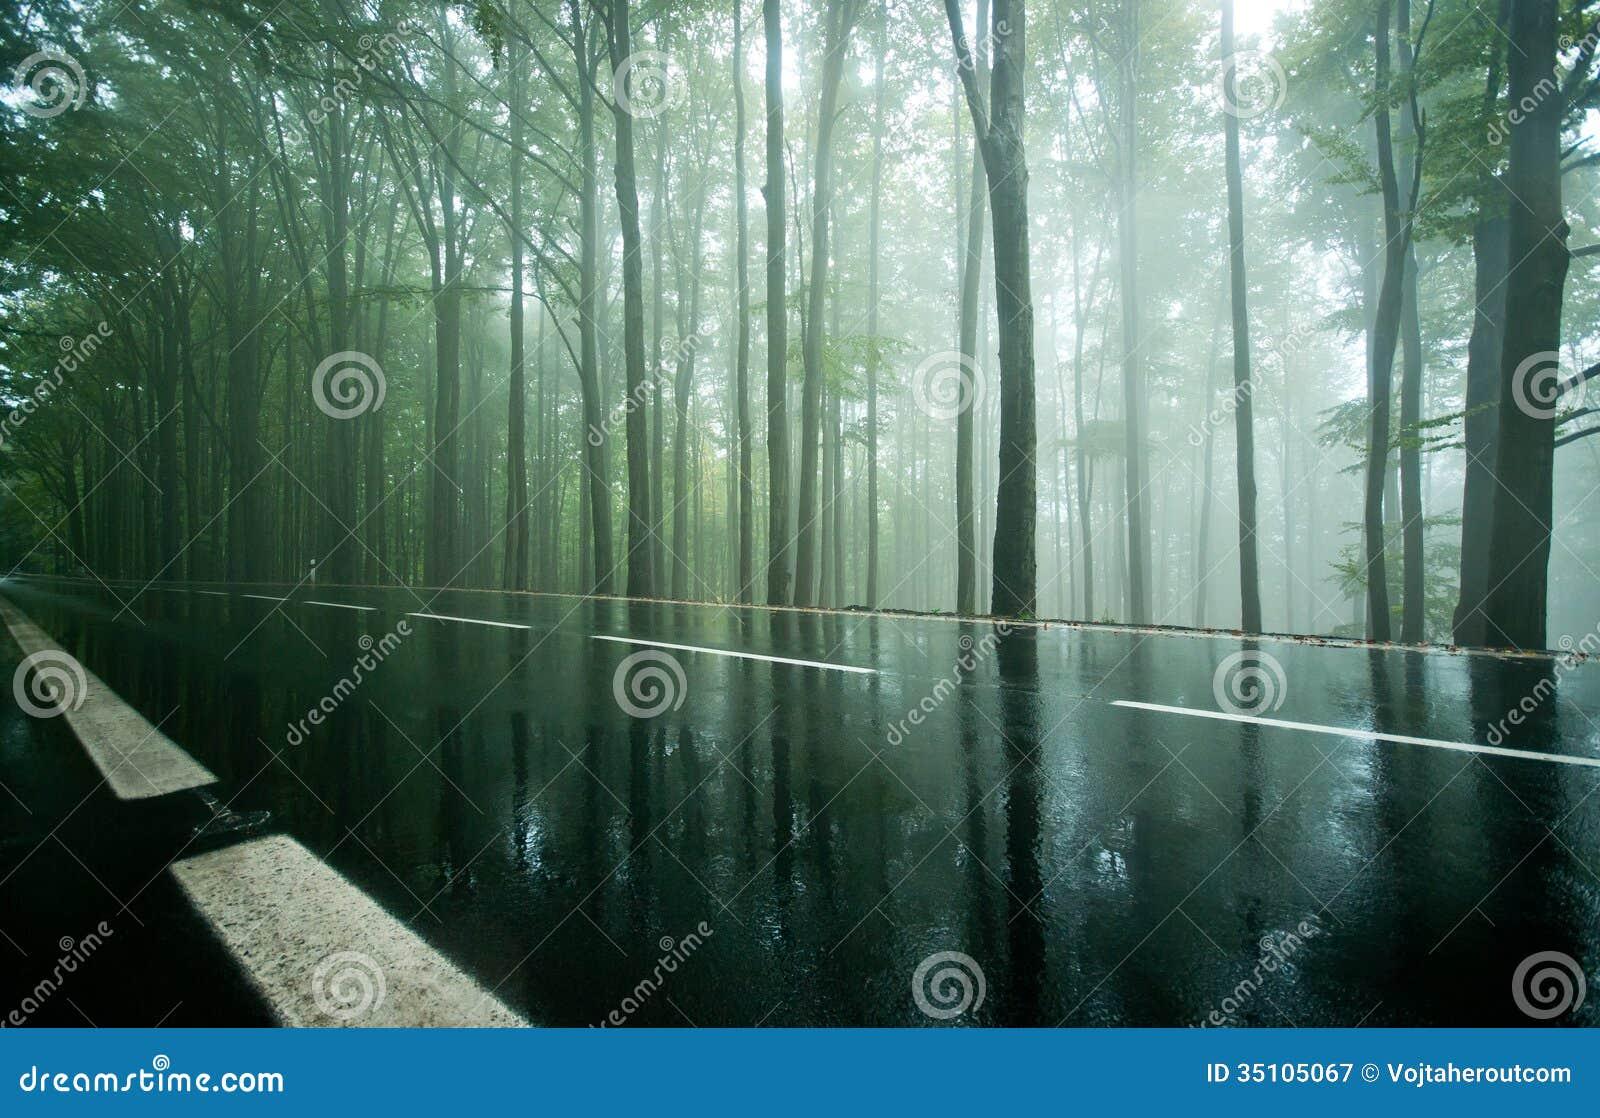 Beech Forest wallpaper